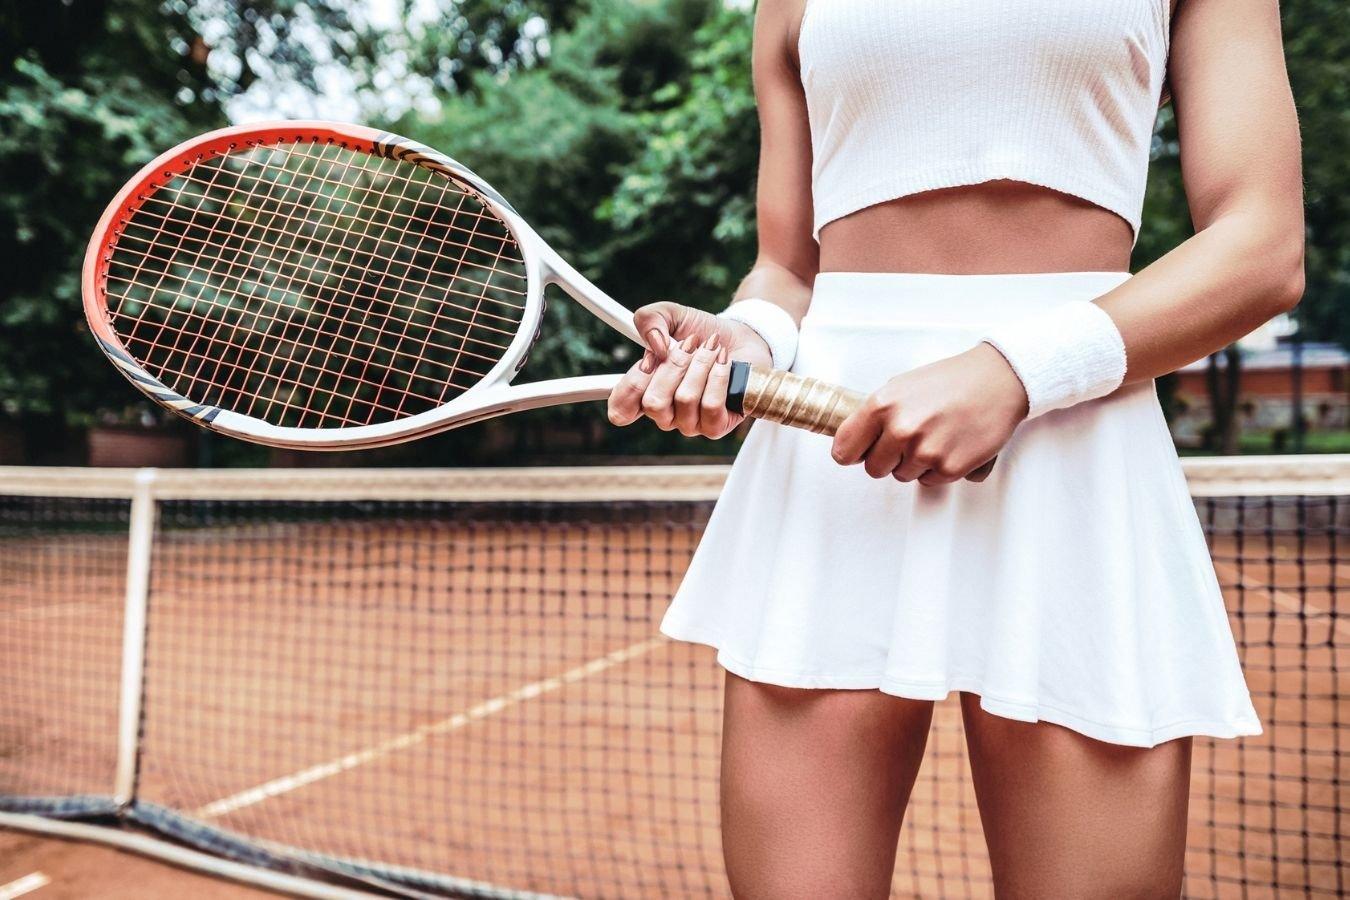 Теннисная юбка-всё ещё тренд